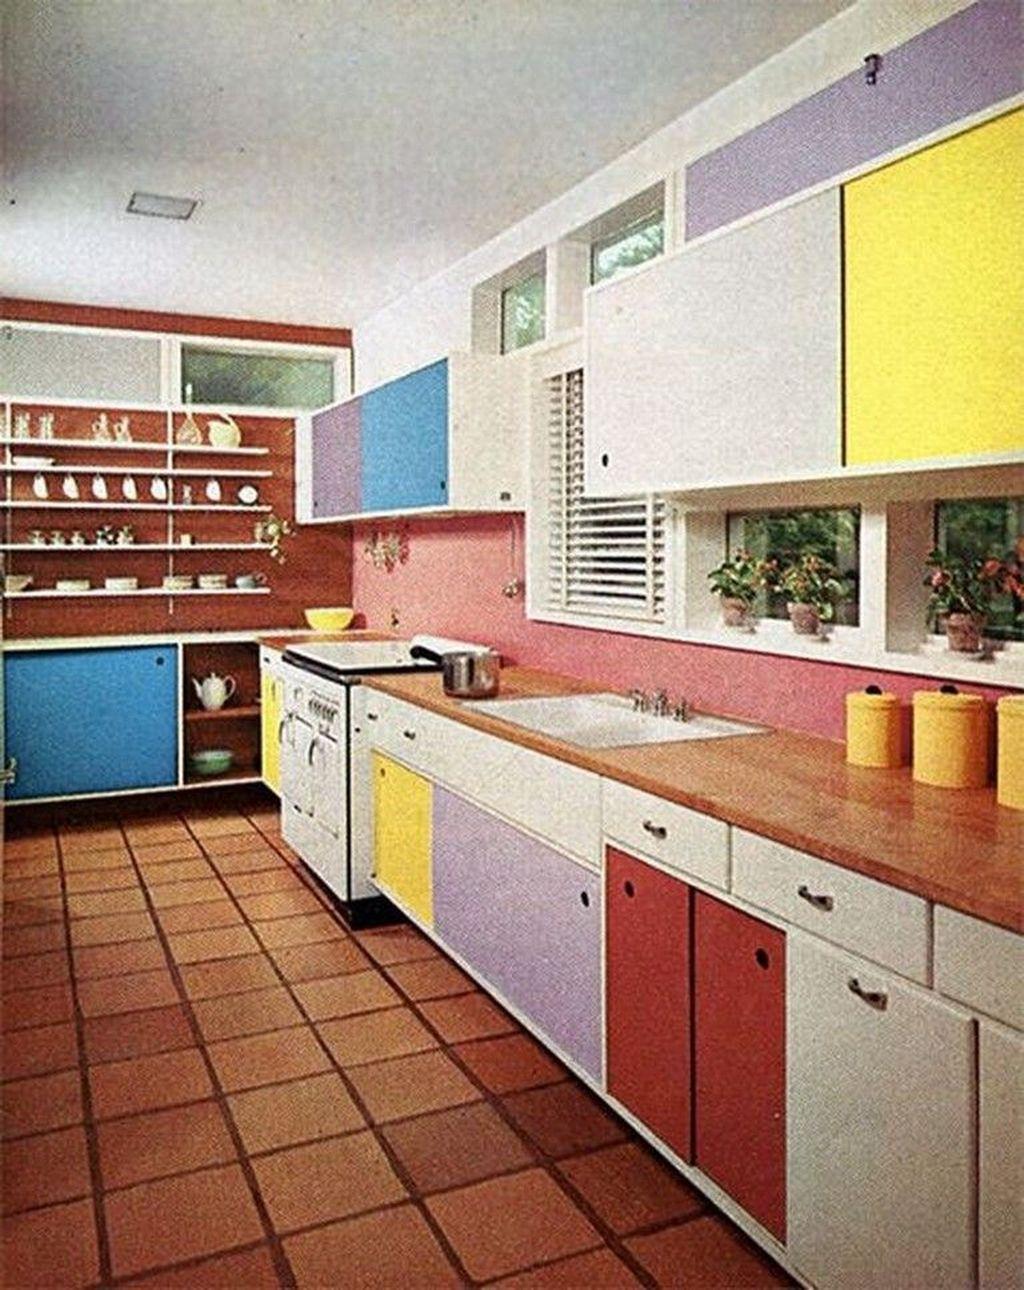 Awesome Retro Kitchen Design Ideas 32